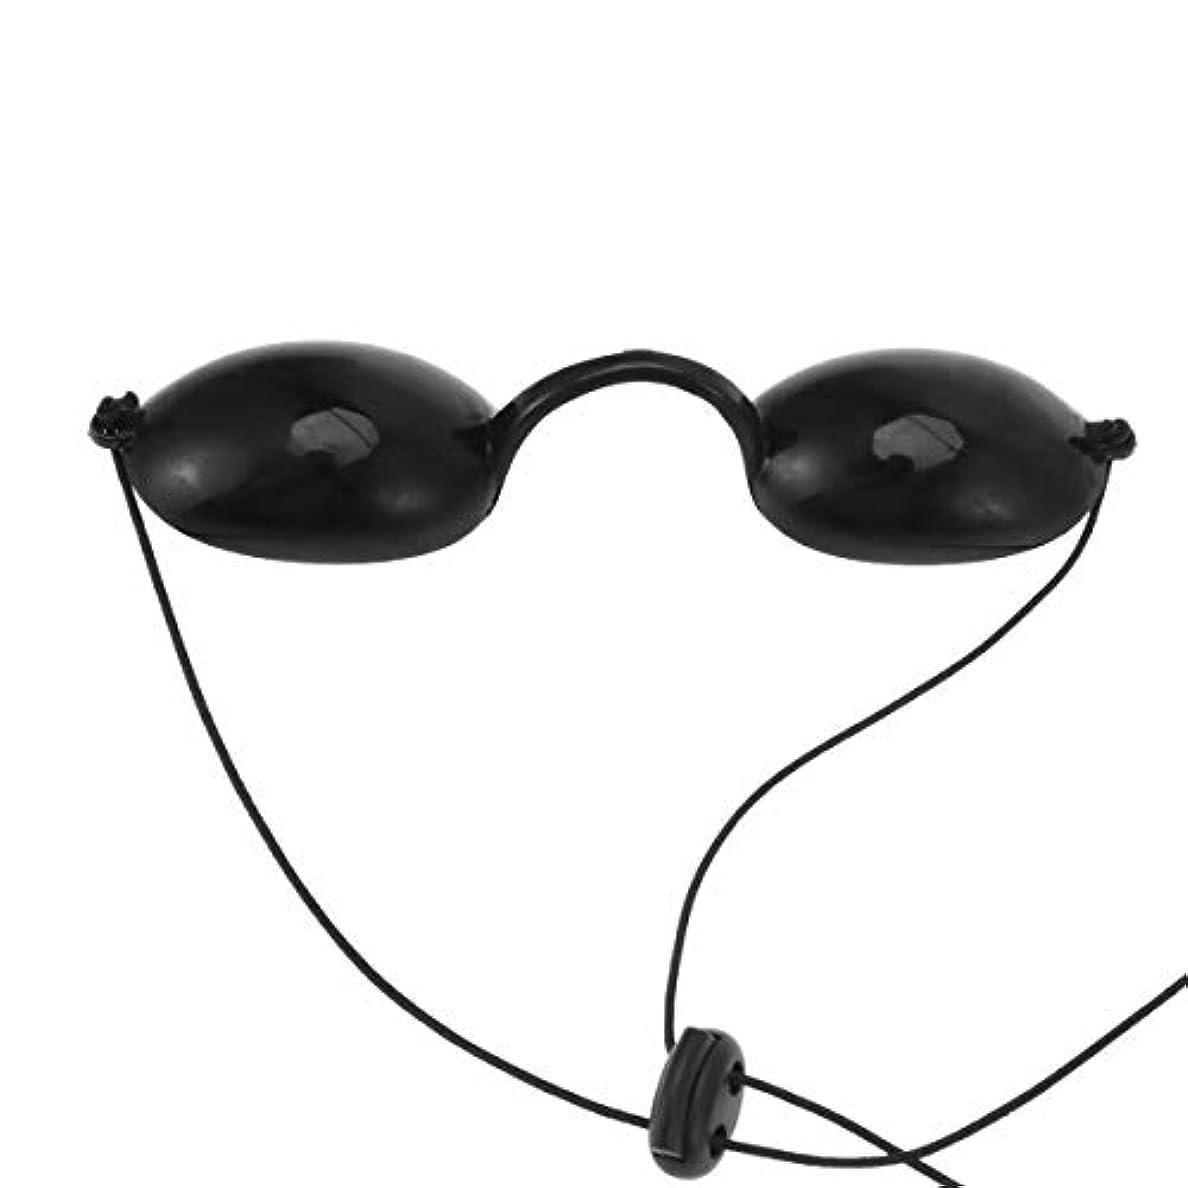 不毛の勇敢なエレクトロニックSUPVOX成人日焼けゴーグルUVプロテクションアイパッチライトセラピーメガネアイカラー(ブラック)